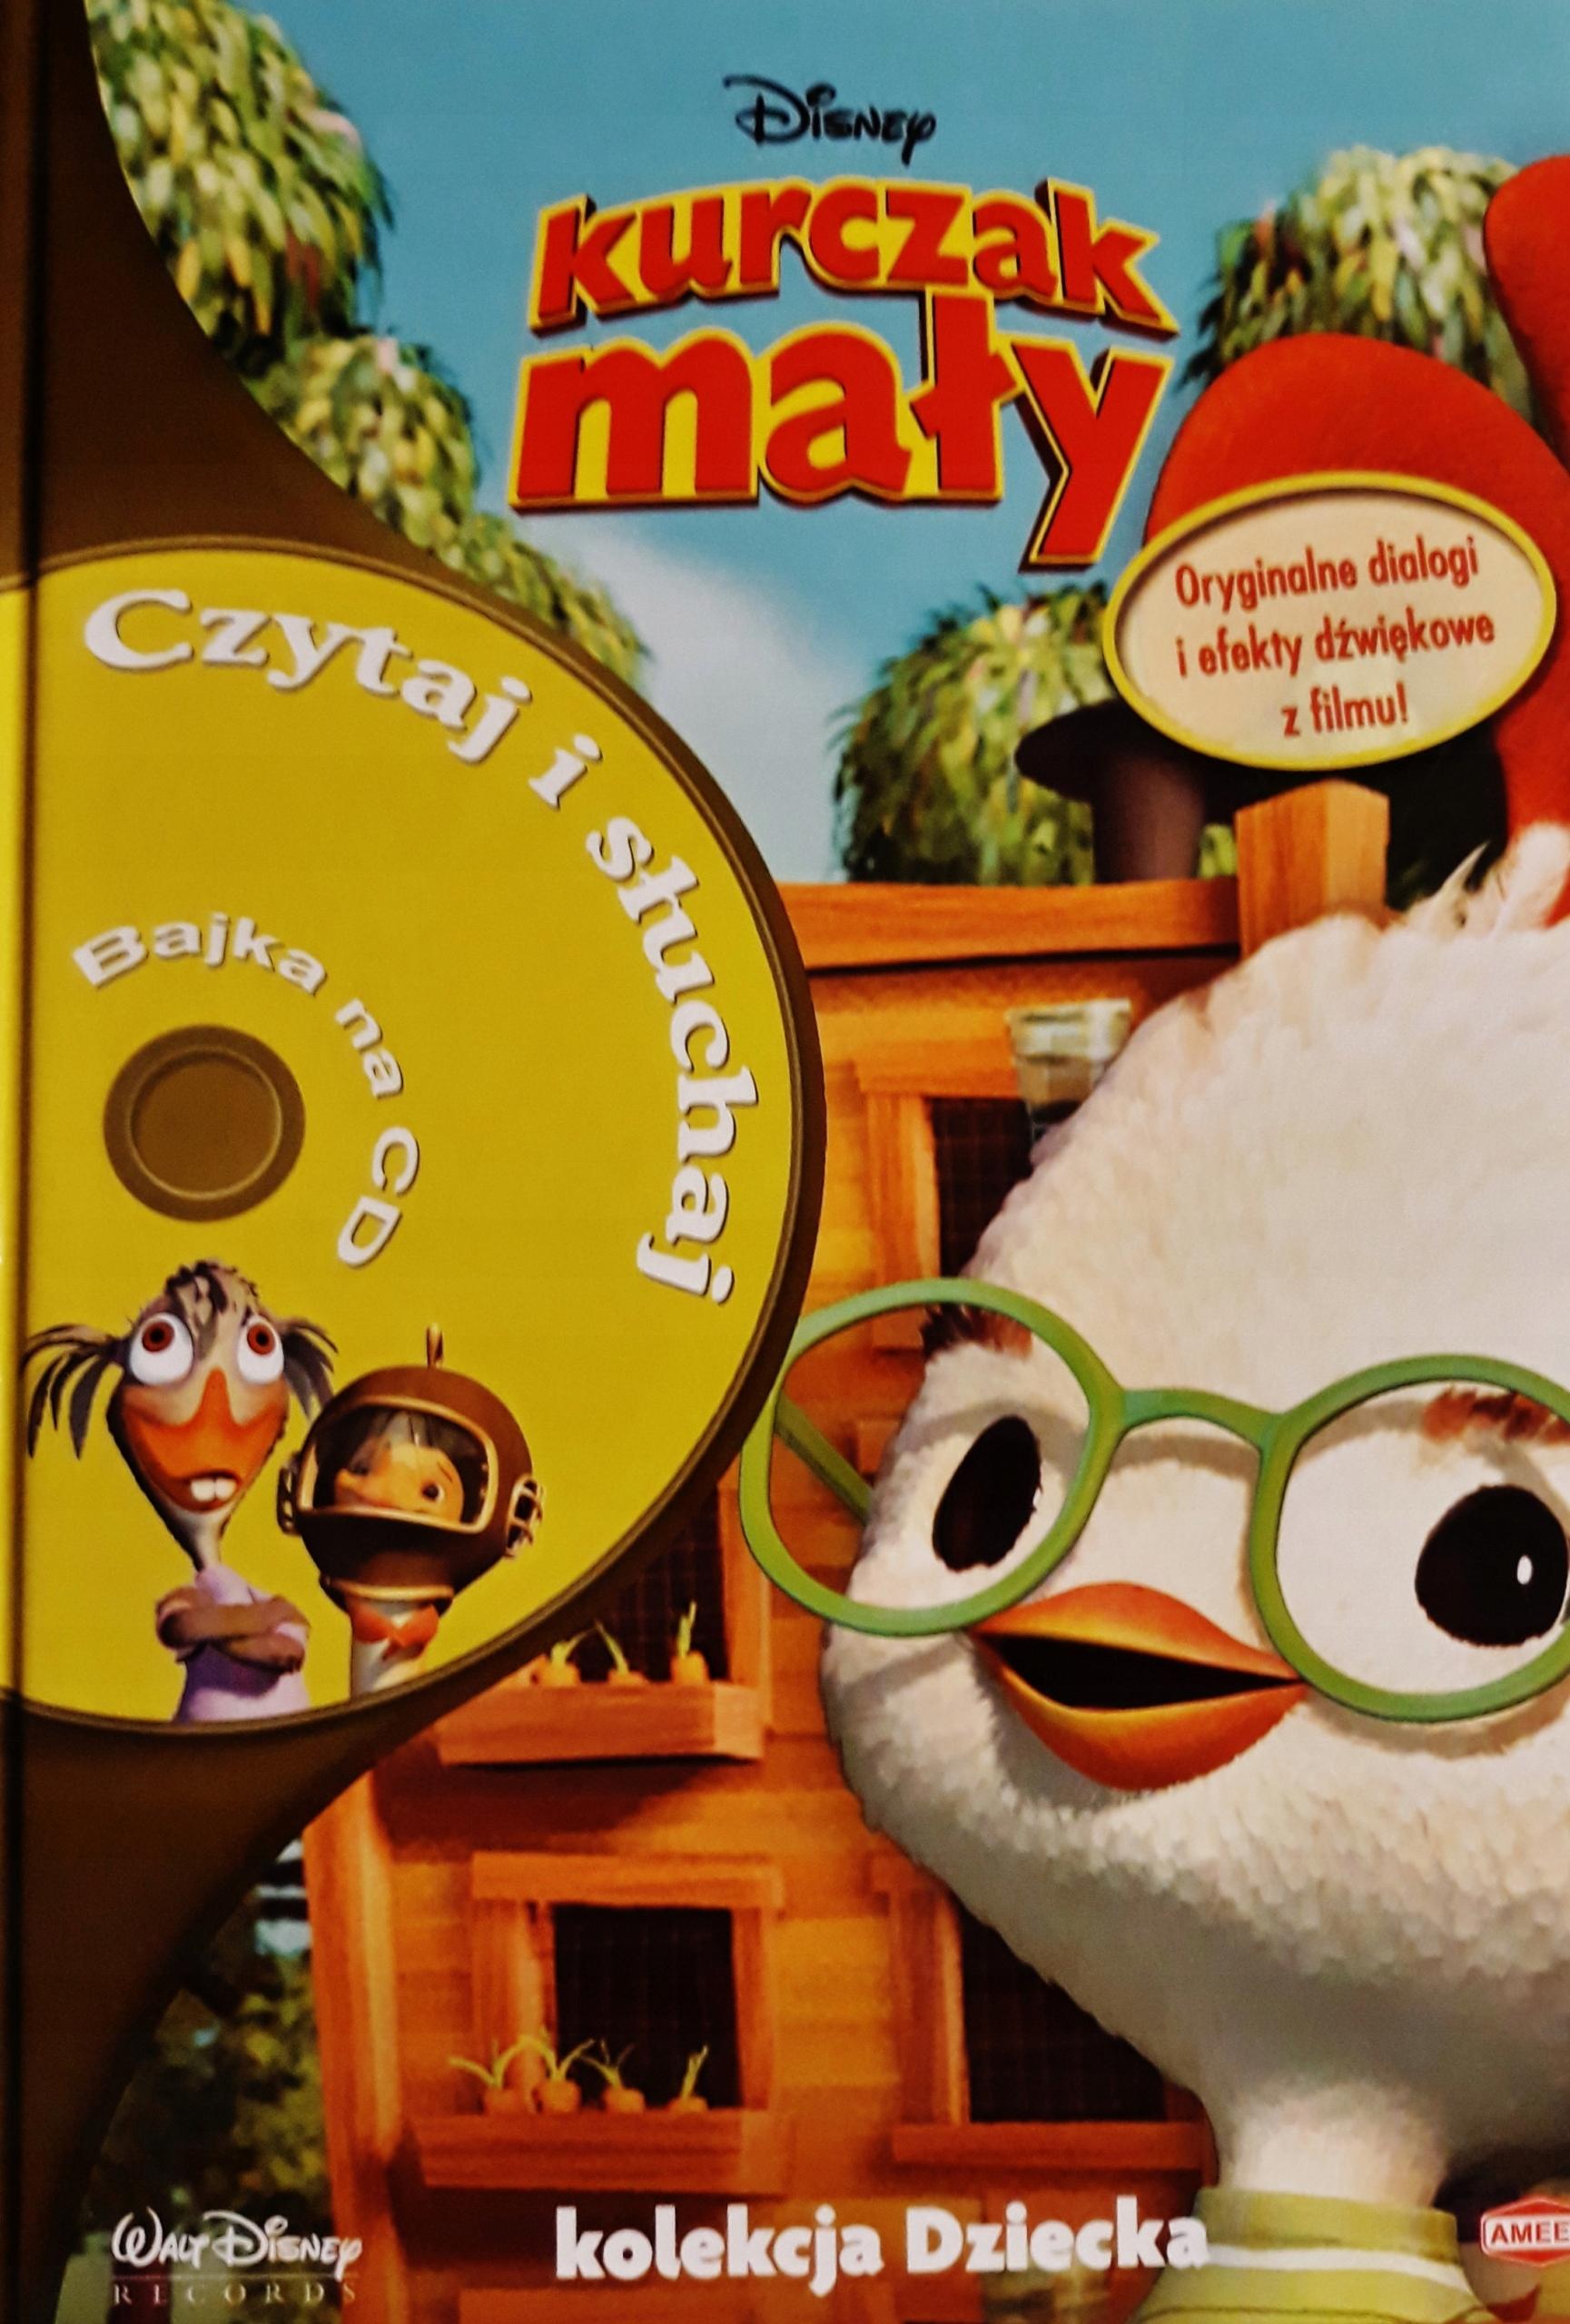 Kurczak Maly Disney Cd 1 7534440700 Oficjalne Archiwum Allegro